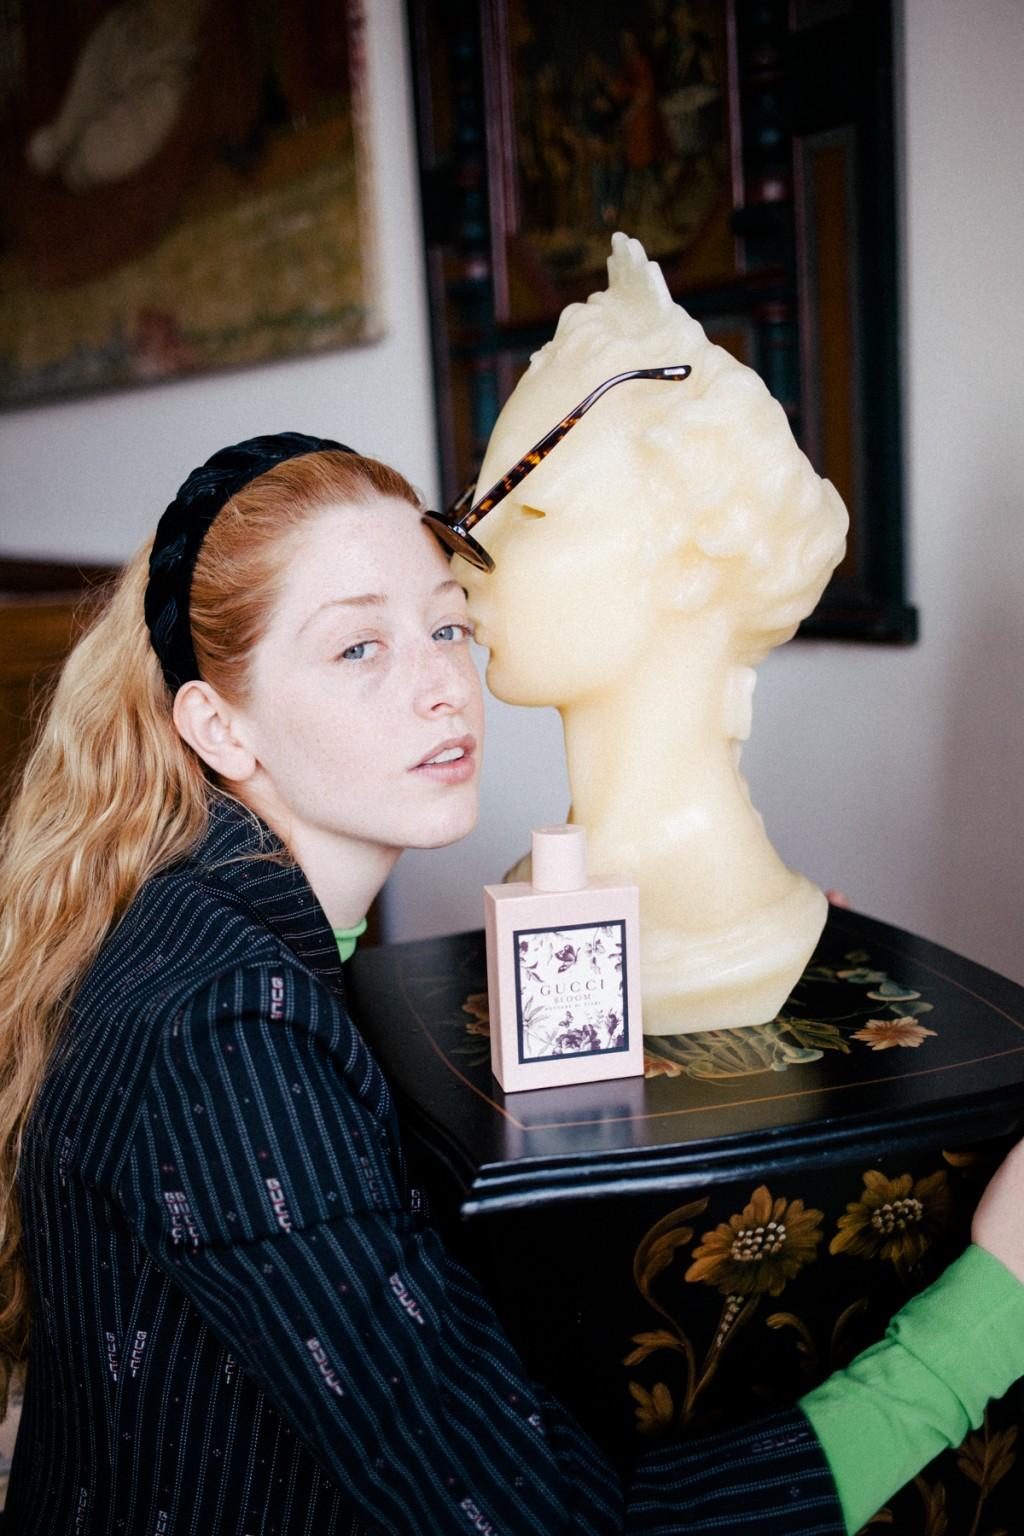 STELLA VON SENGER – HAIR & MAKE-UP ARTIST Gucci x Stella von Senger